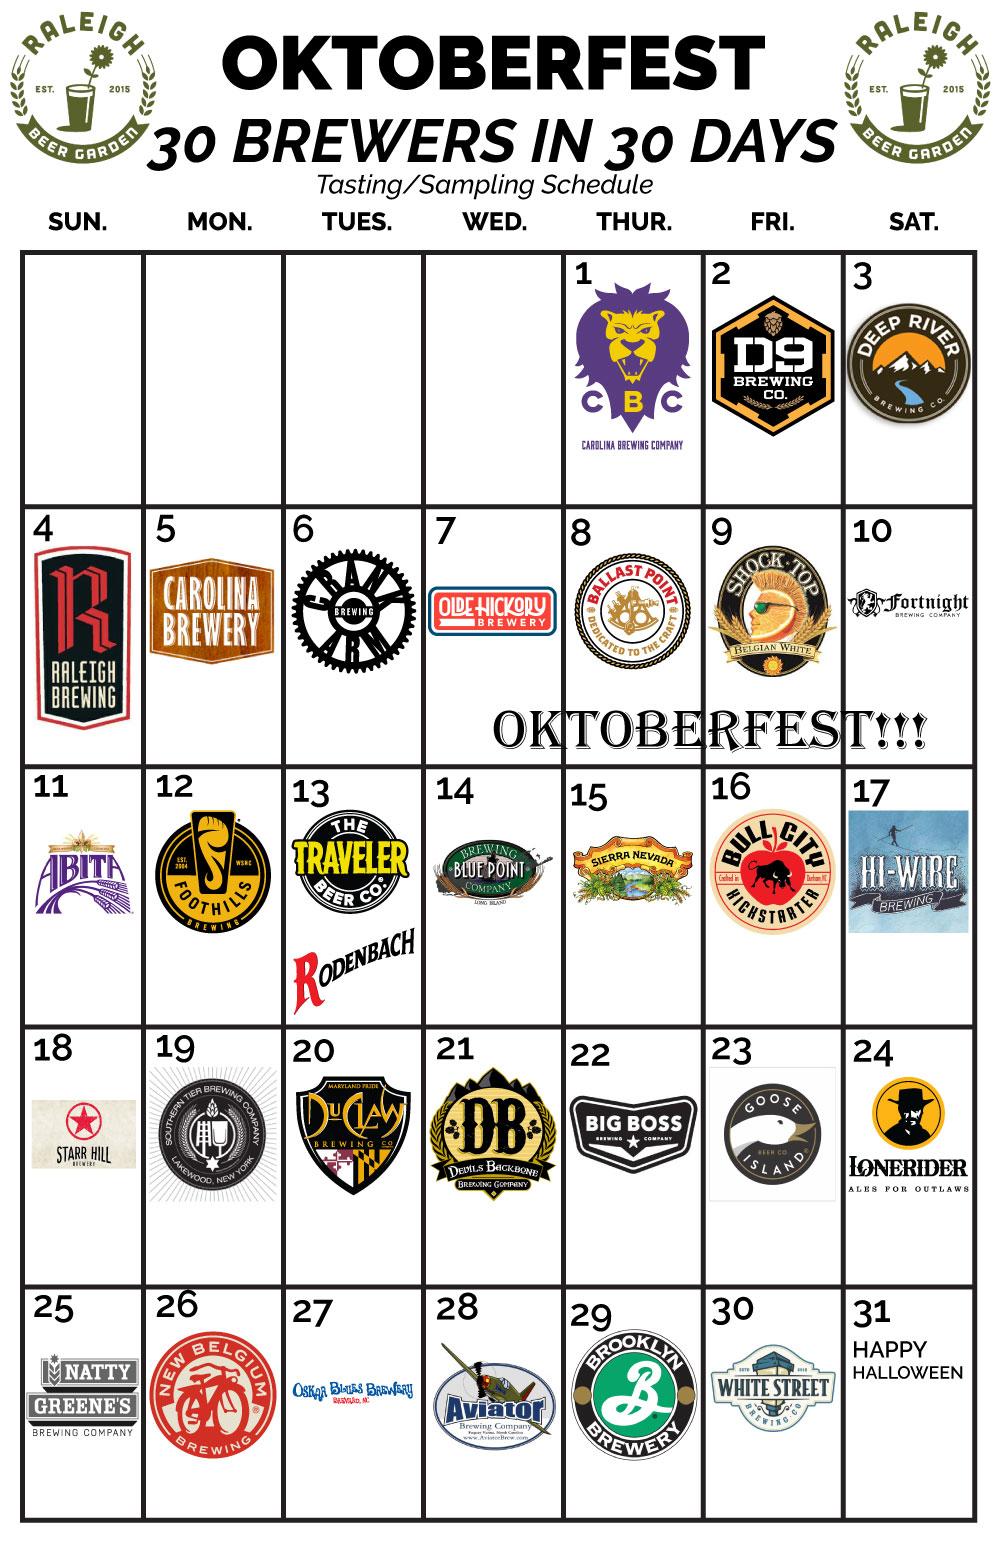 Raleigh Beer Garden Oktoberfest Tastings